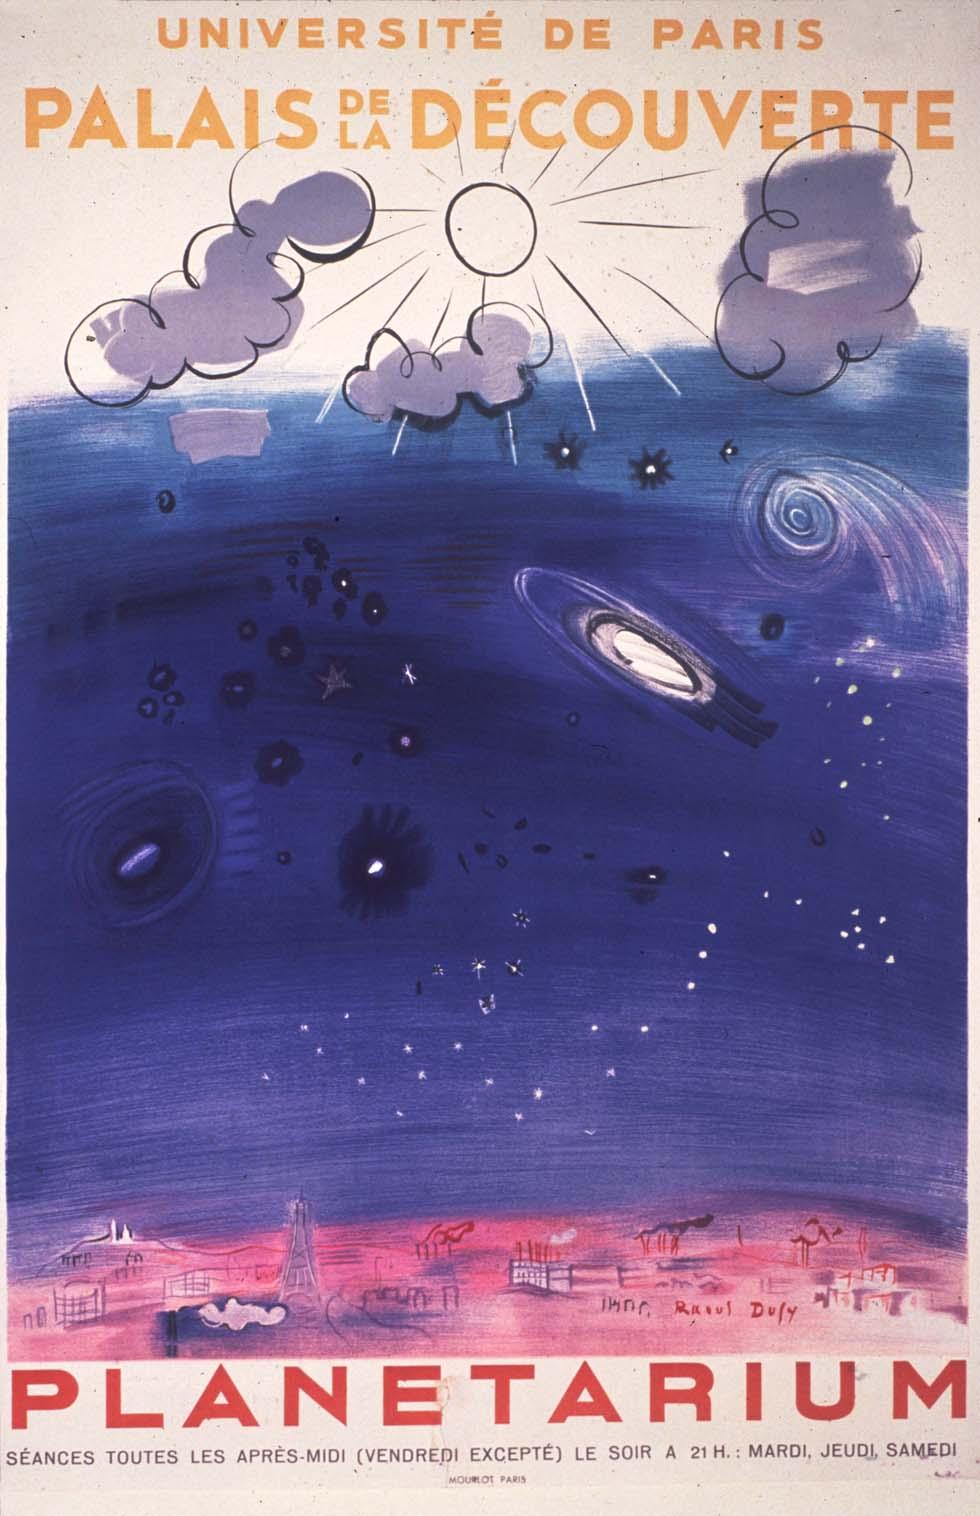 1952 : Affiche inaugurale du planétarium(ouverture du diaporama)